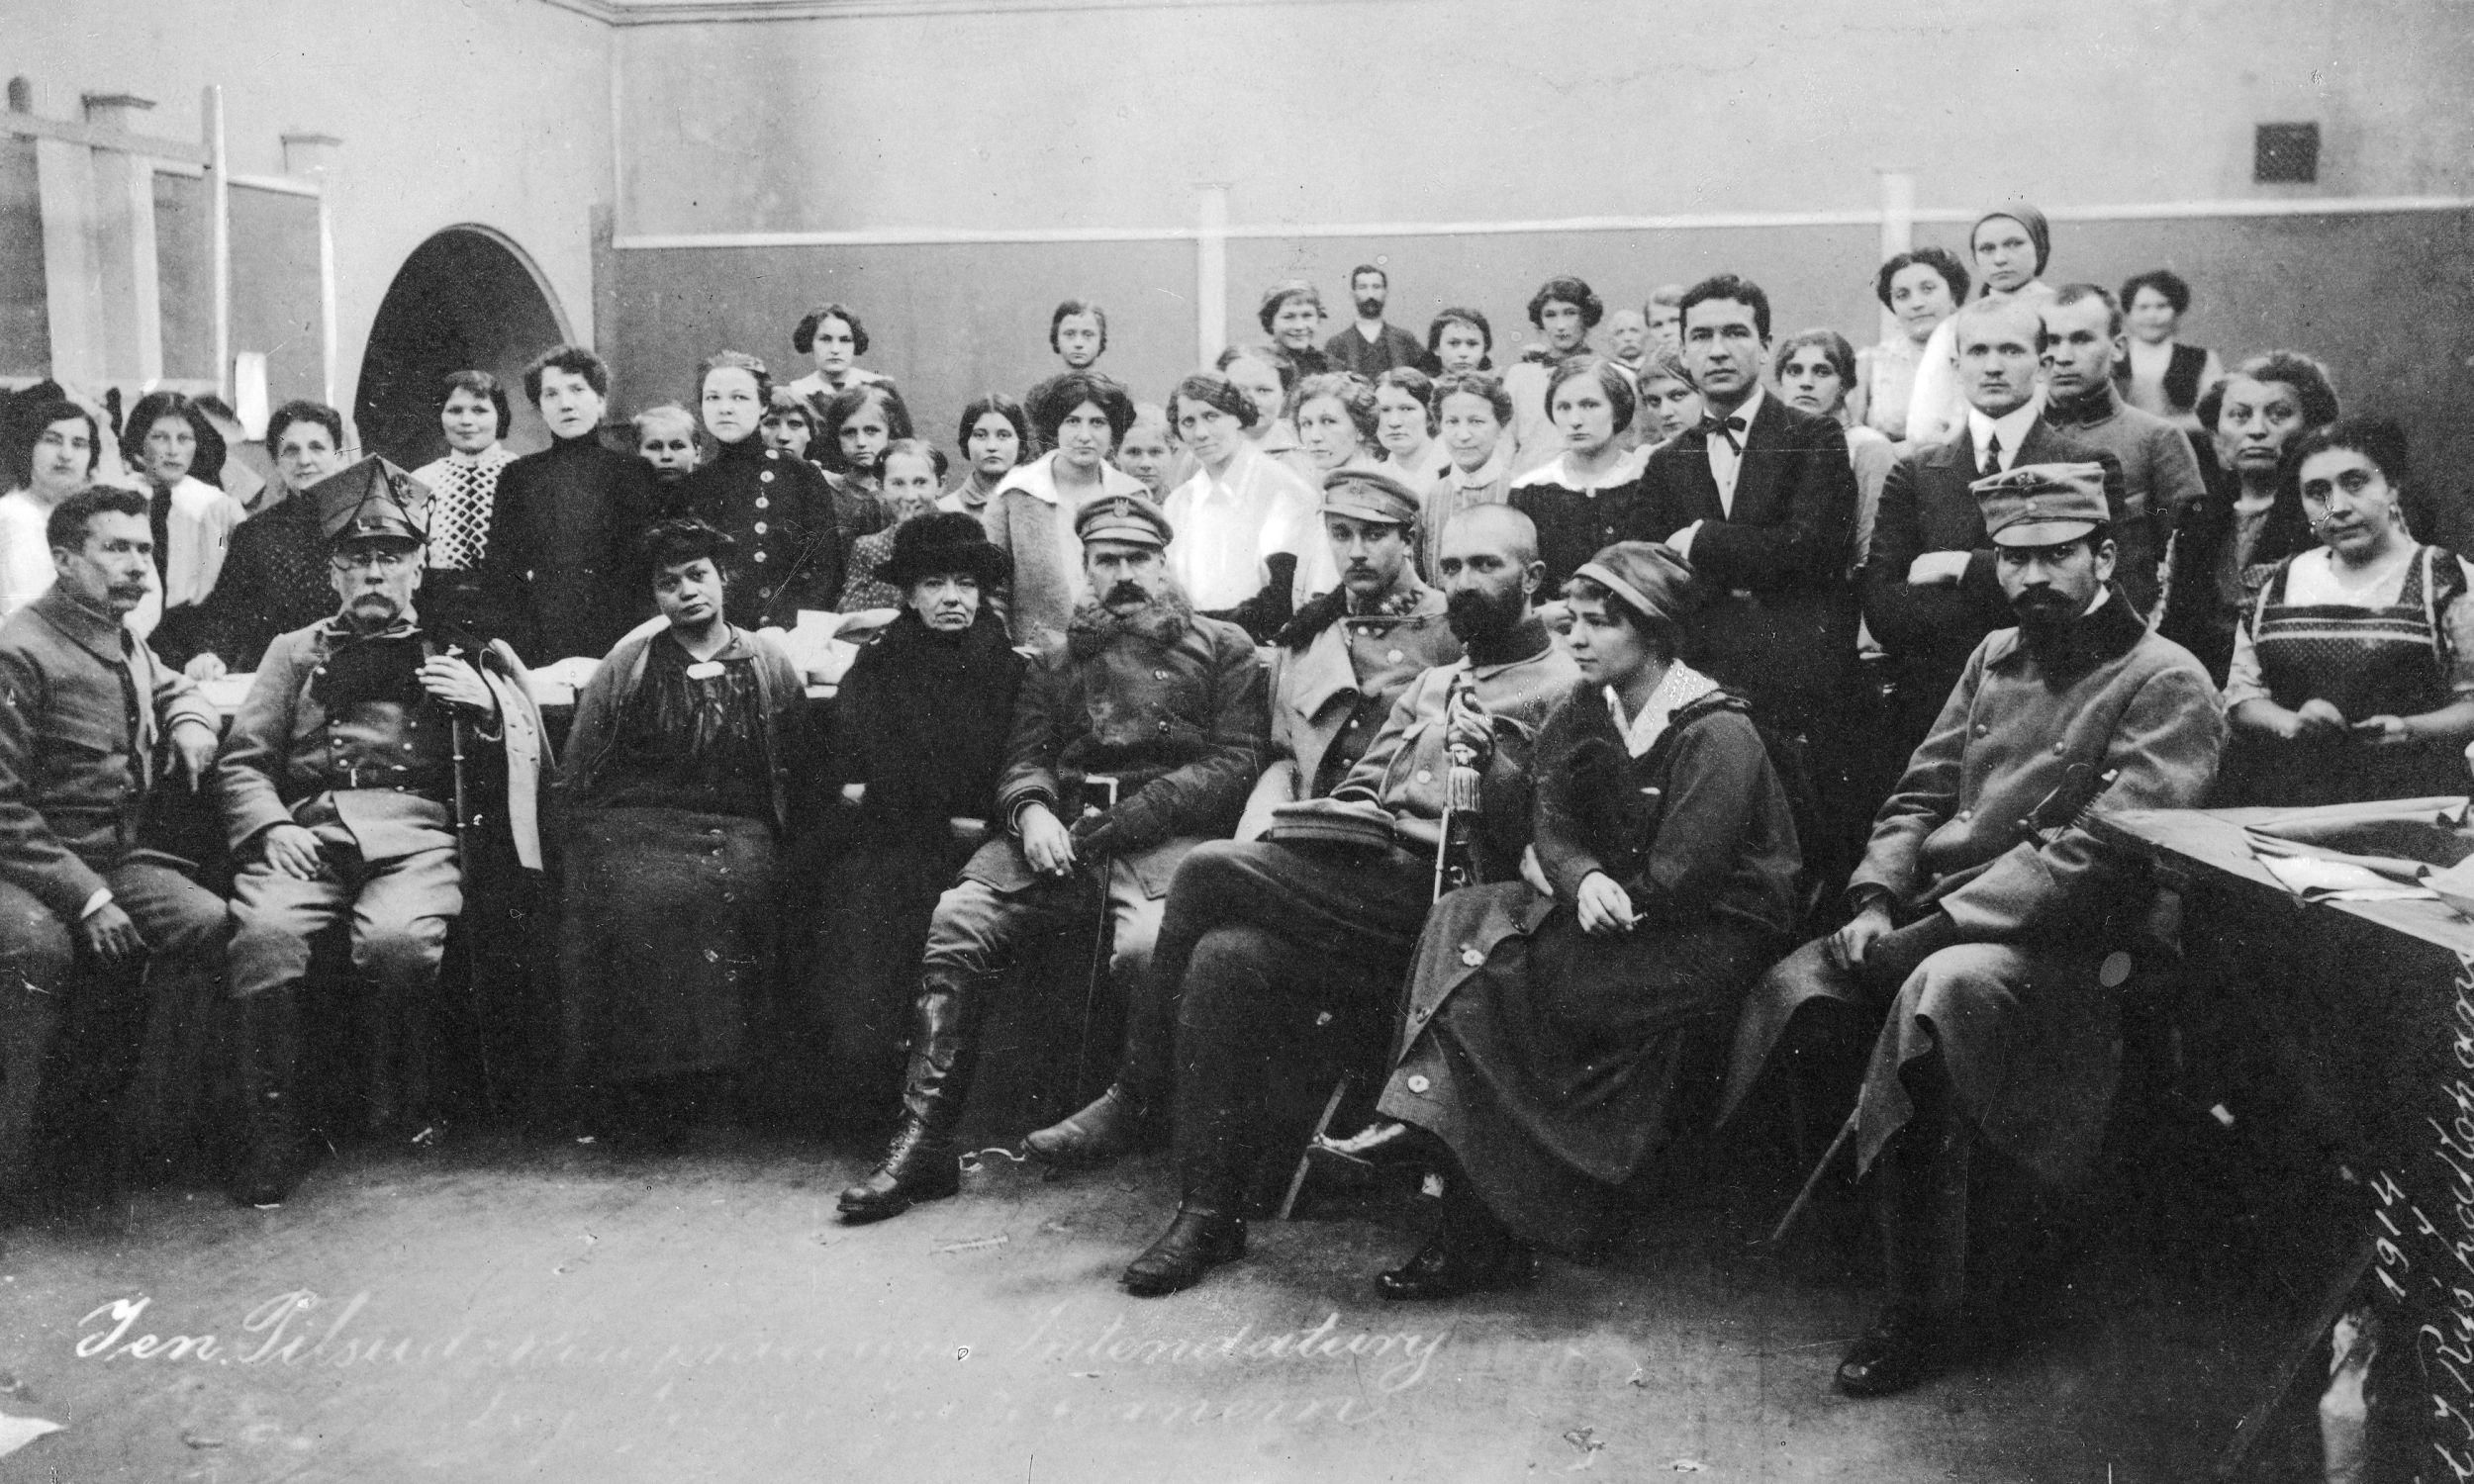 Zofia Praussowa (pierwszy rząd, trzecia z lewej) z Józefem Piłsudskim i pracownikami intendentury Legionowej w Zakopanem, którą założyła. Siedzą na pierwszym planie od lewej: kierownik intendentury Trojanowski, Wacław Sieroszewski, Praussowa, Zaniewska, Piłsudski, Tadeusz Kasprzycki, Walery Sławek, członkini Komitetu Wojskowego w Zakopanem Janina Nowotnowa, komendant placu w Zakopanem Czaki. Fot. NAC/ Instytut Józefa Piłsudskiego, Jan Ryś – syng. 22-127-1